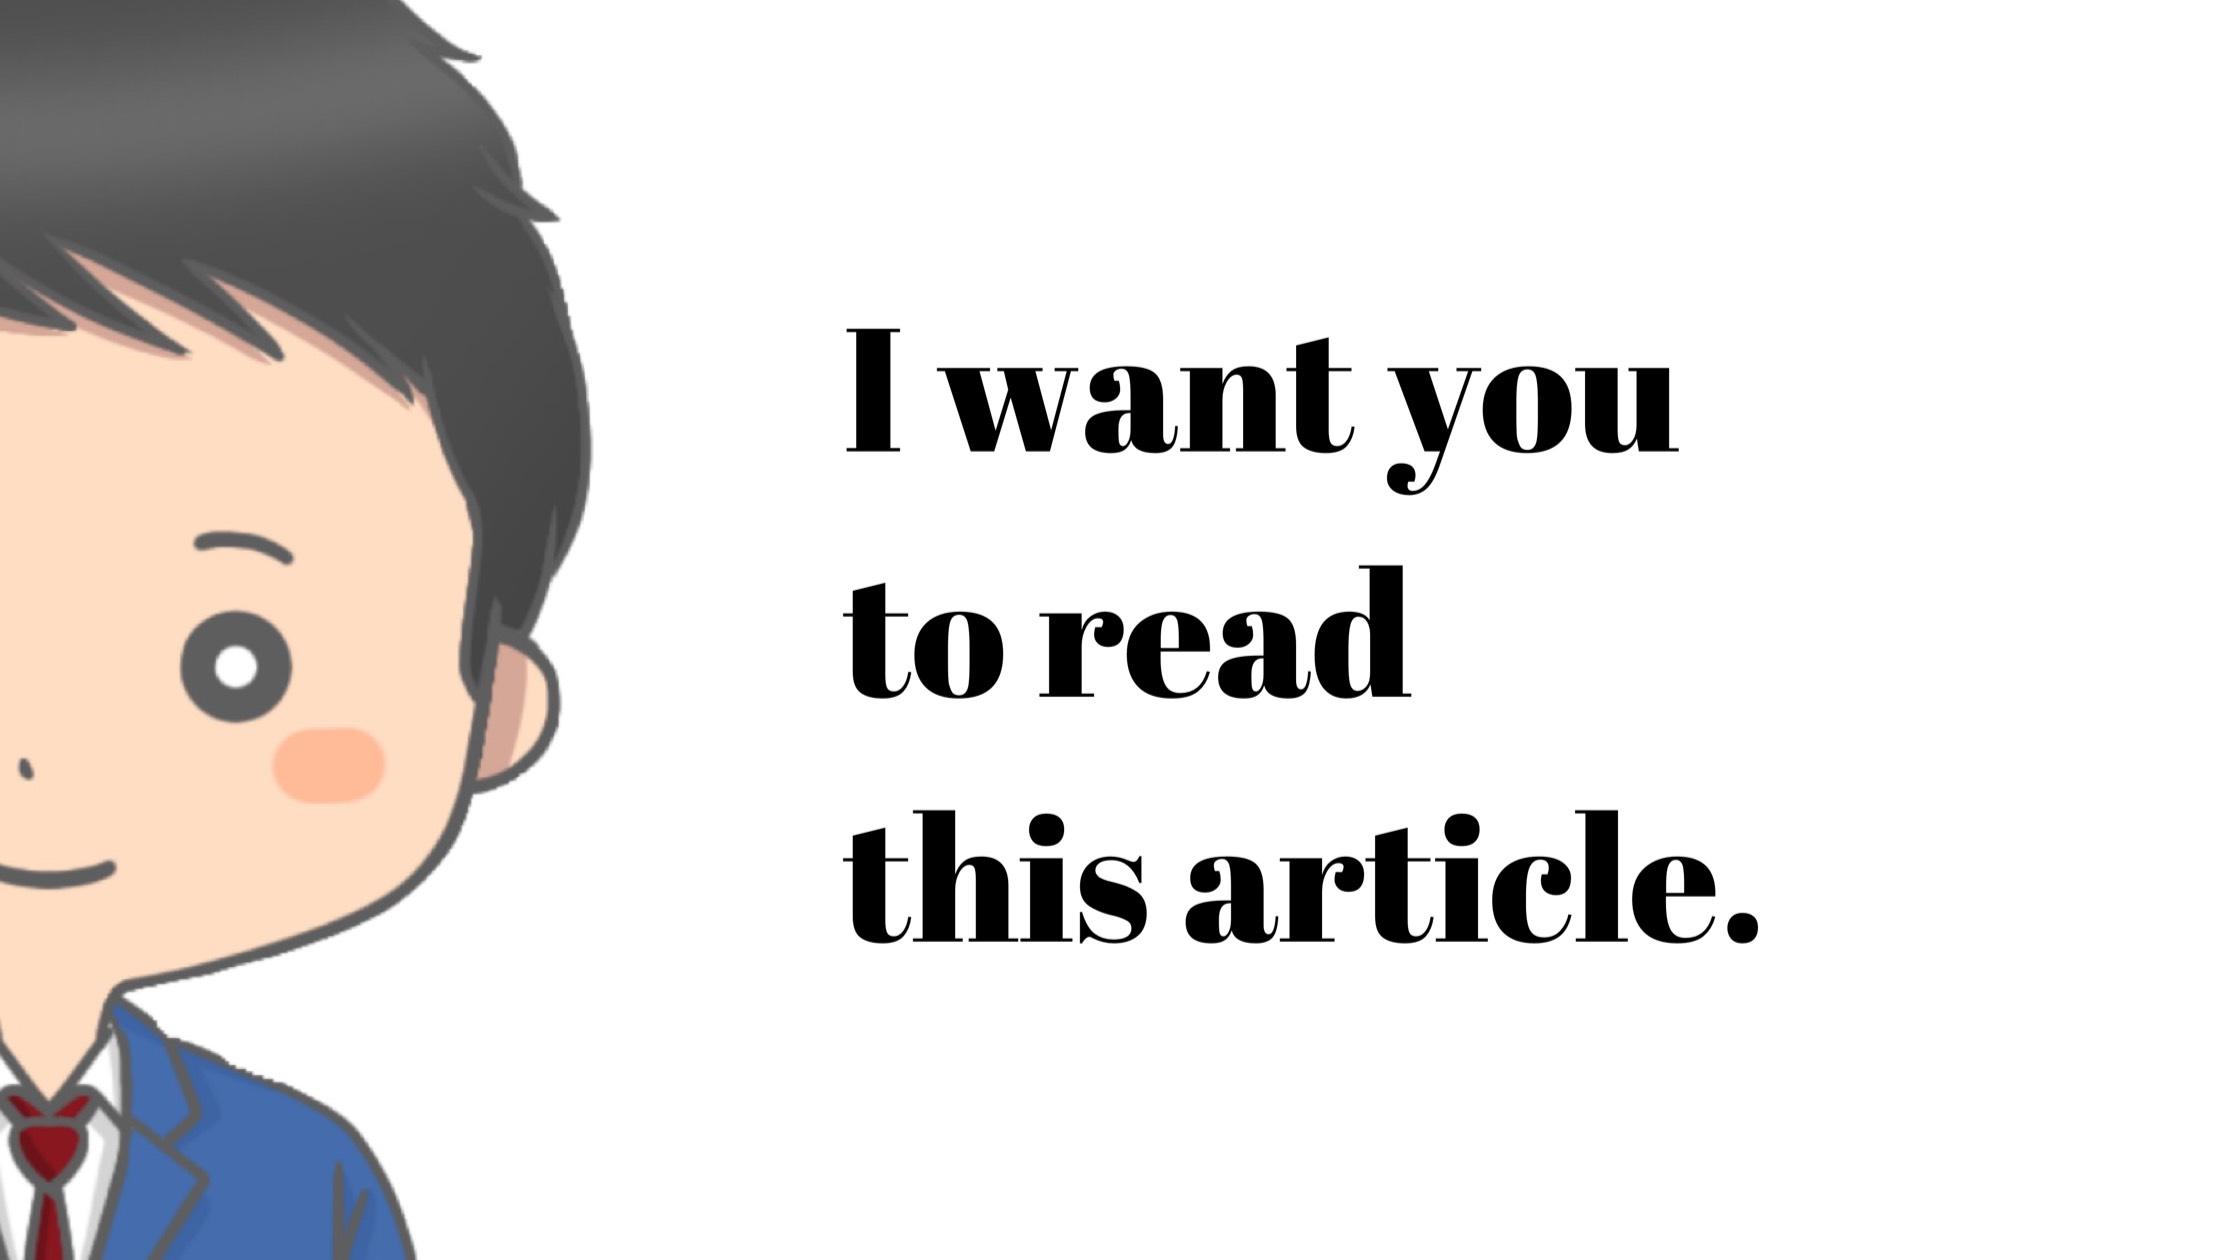 最初に読んで欲しい5記事とは